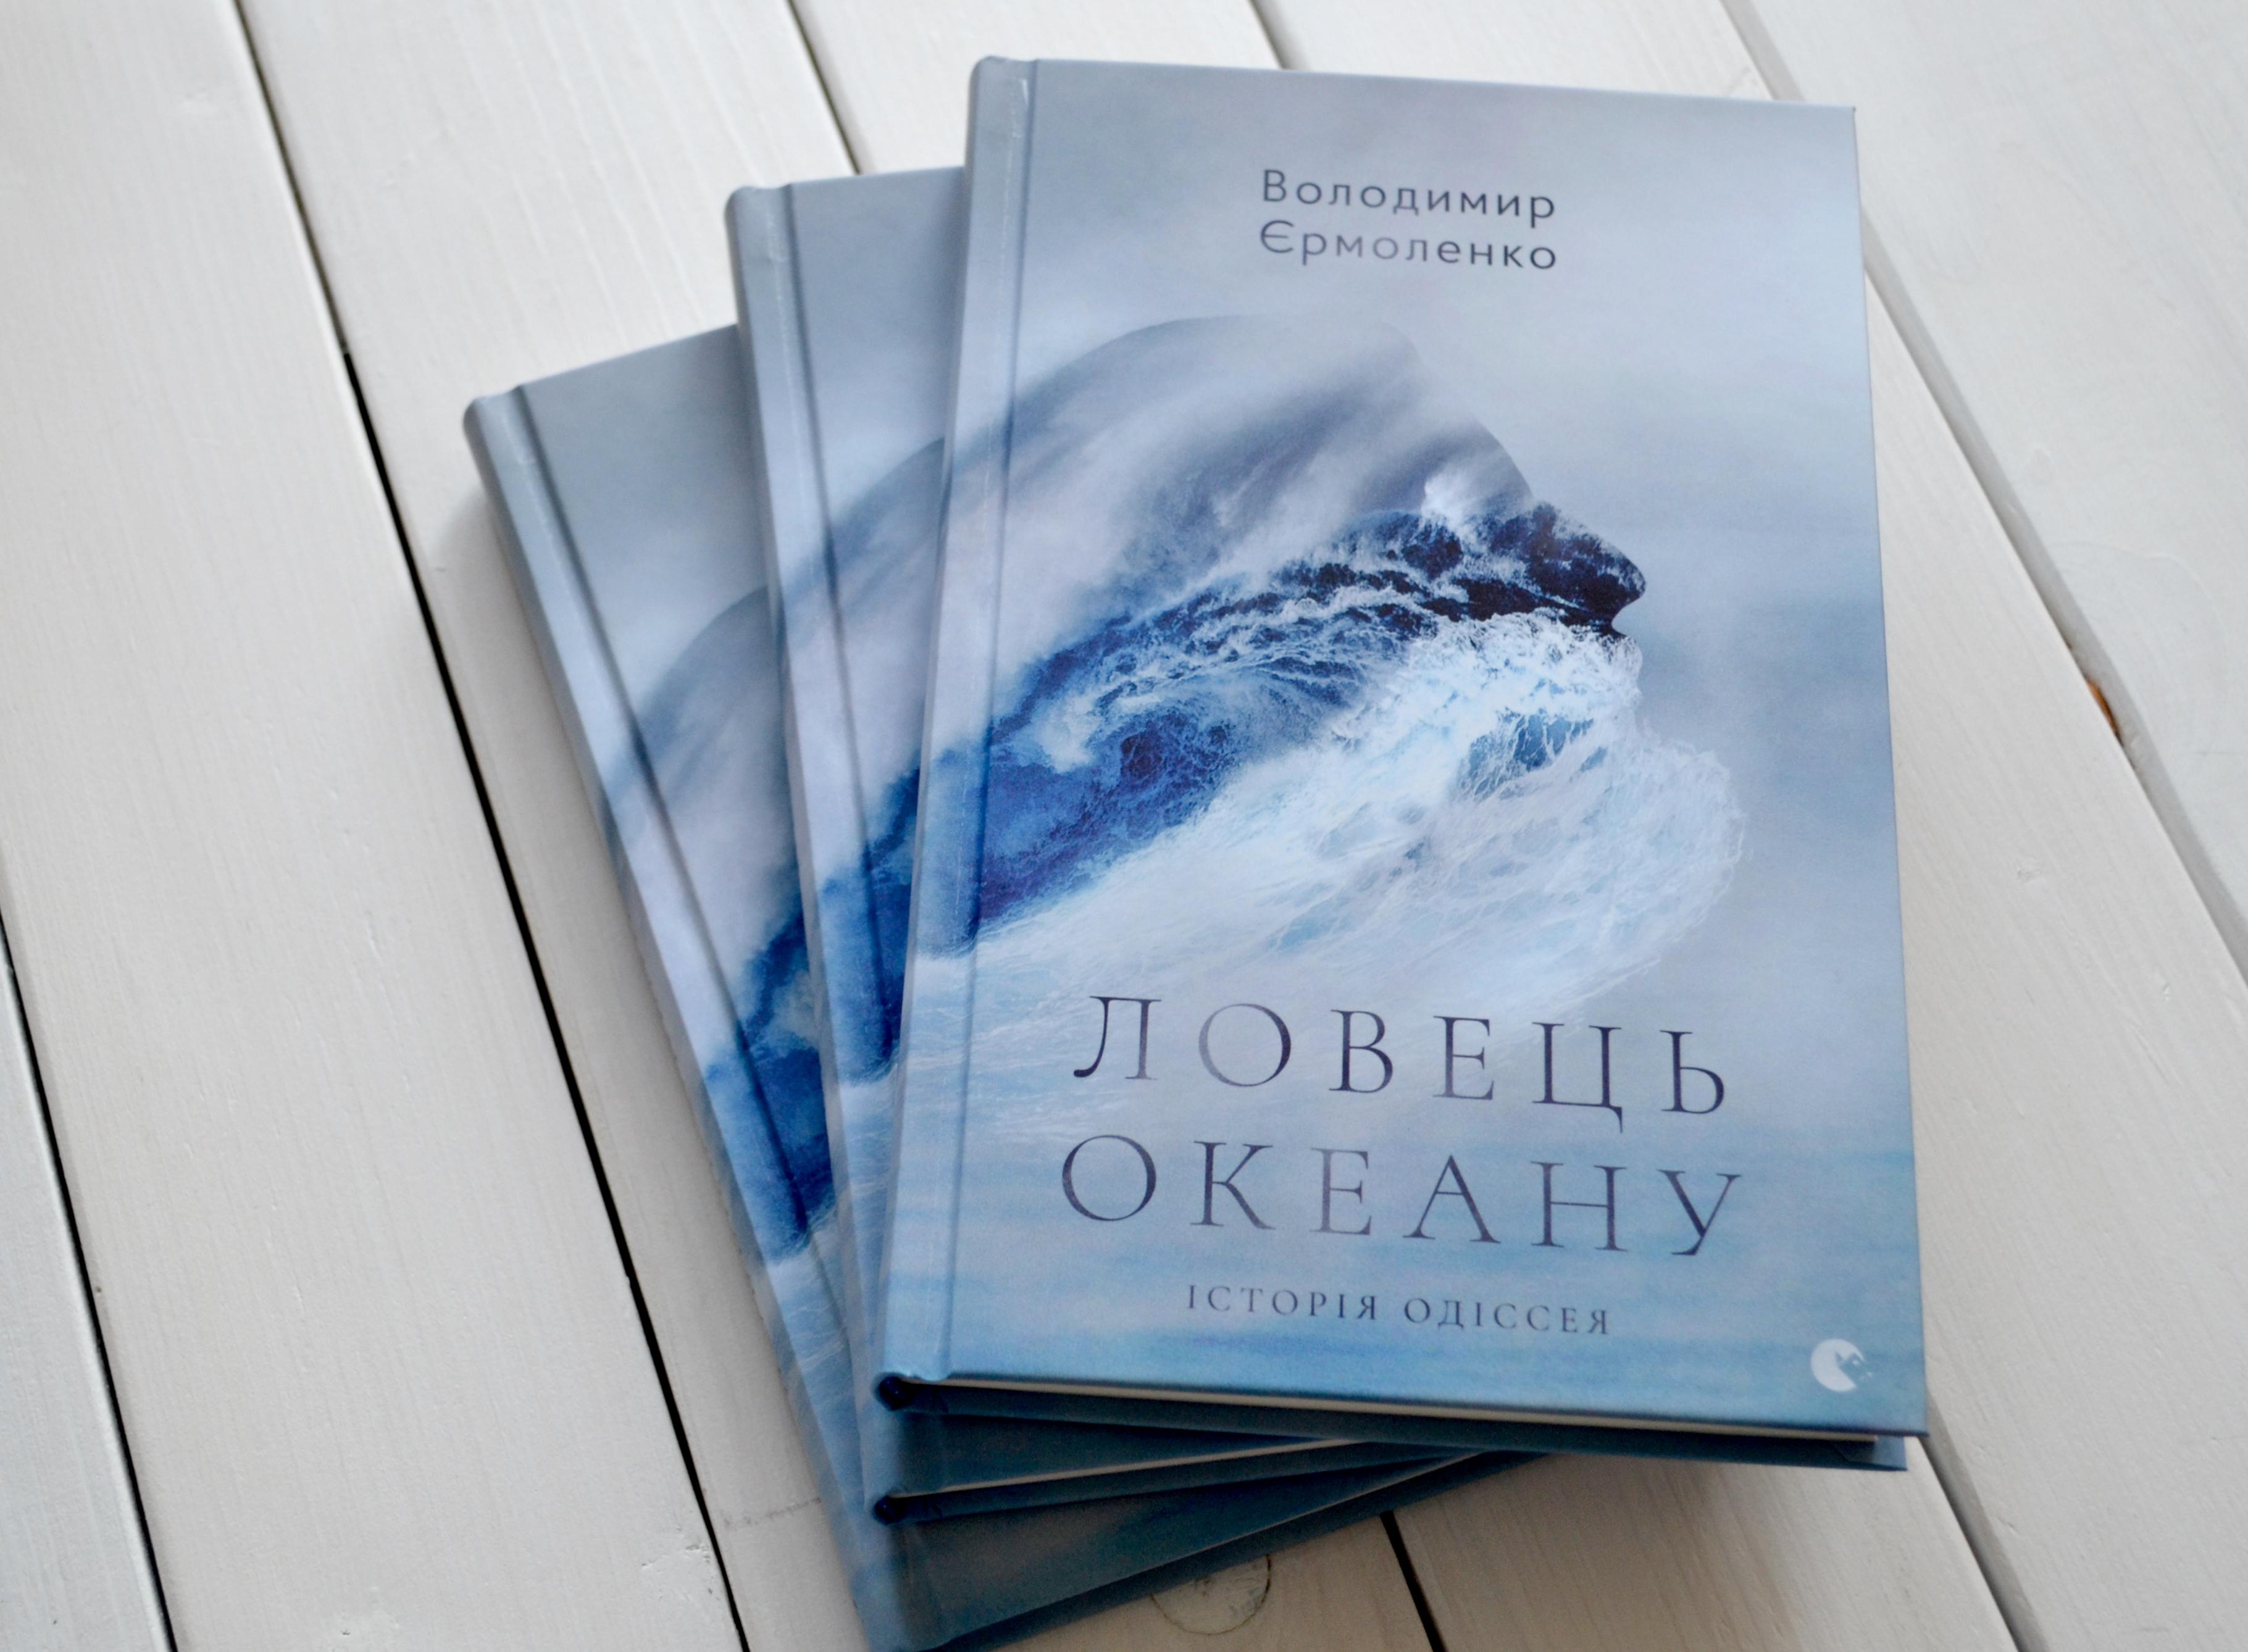 Lovets okeany_1